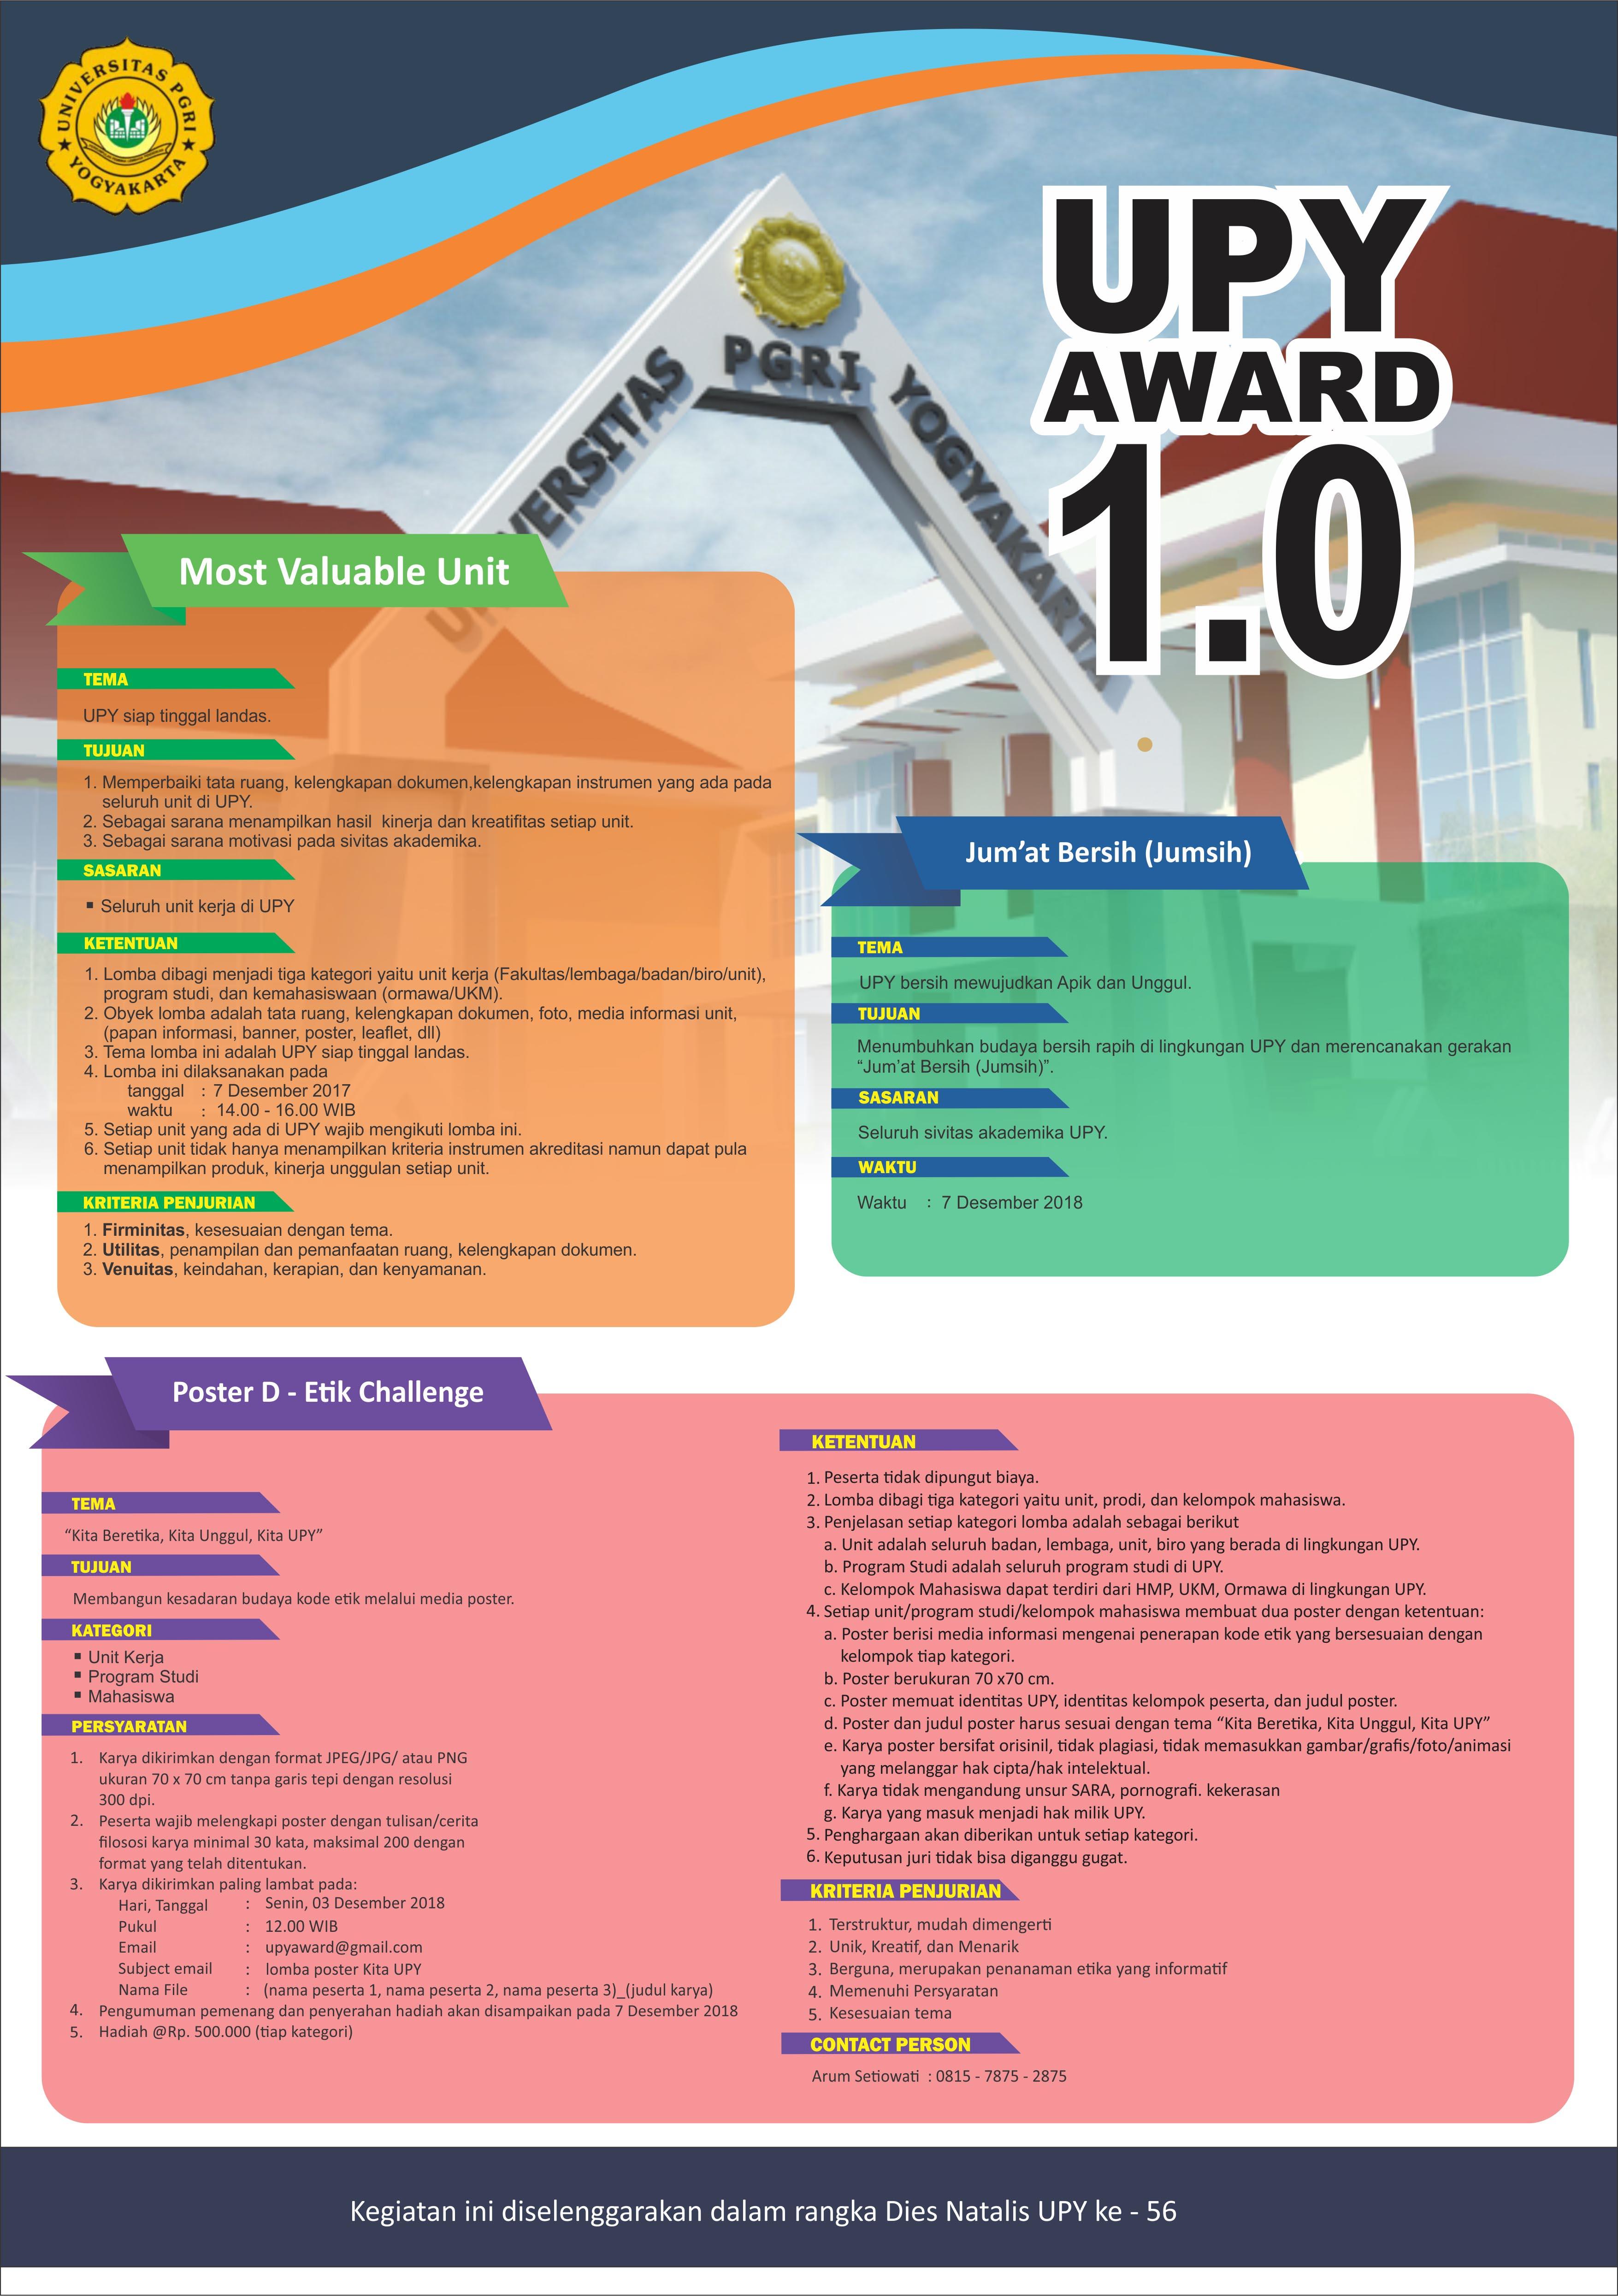 UPY Award 1.0 Memperingati Dies Natalis UPY Ke - 56